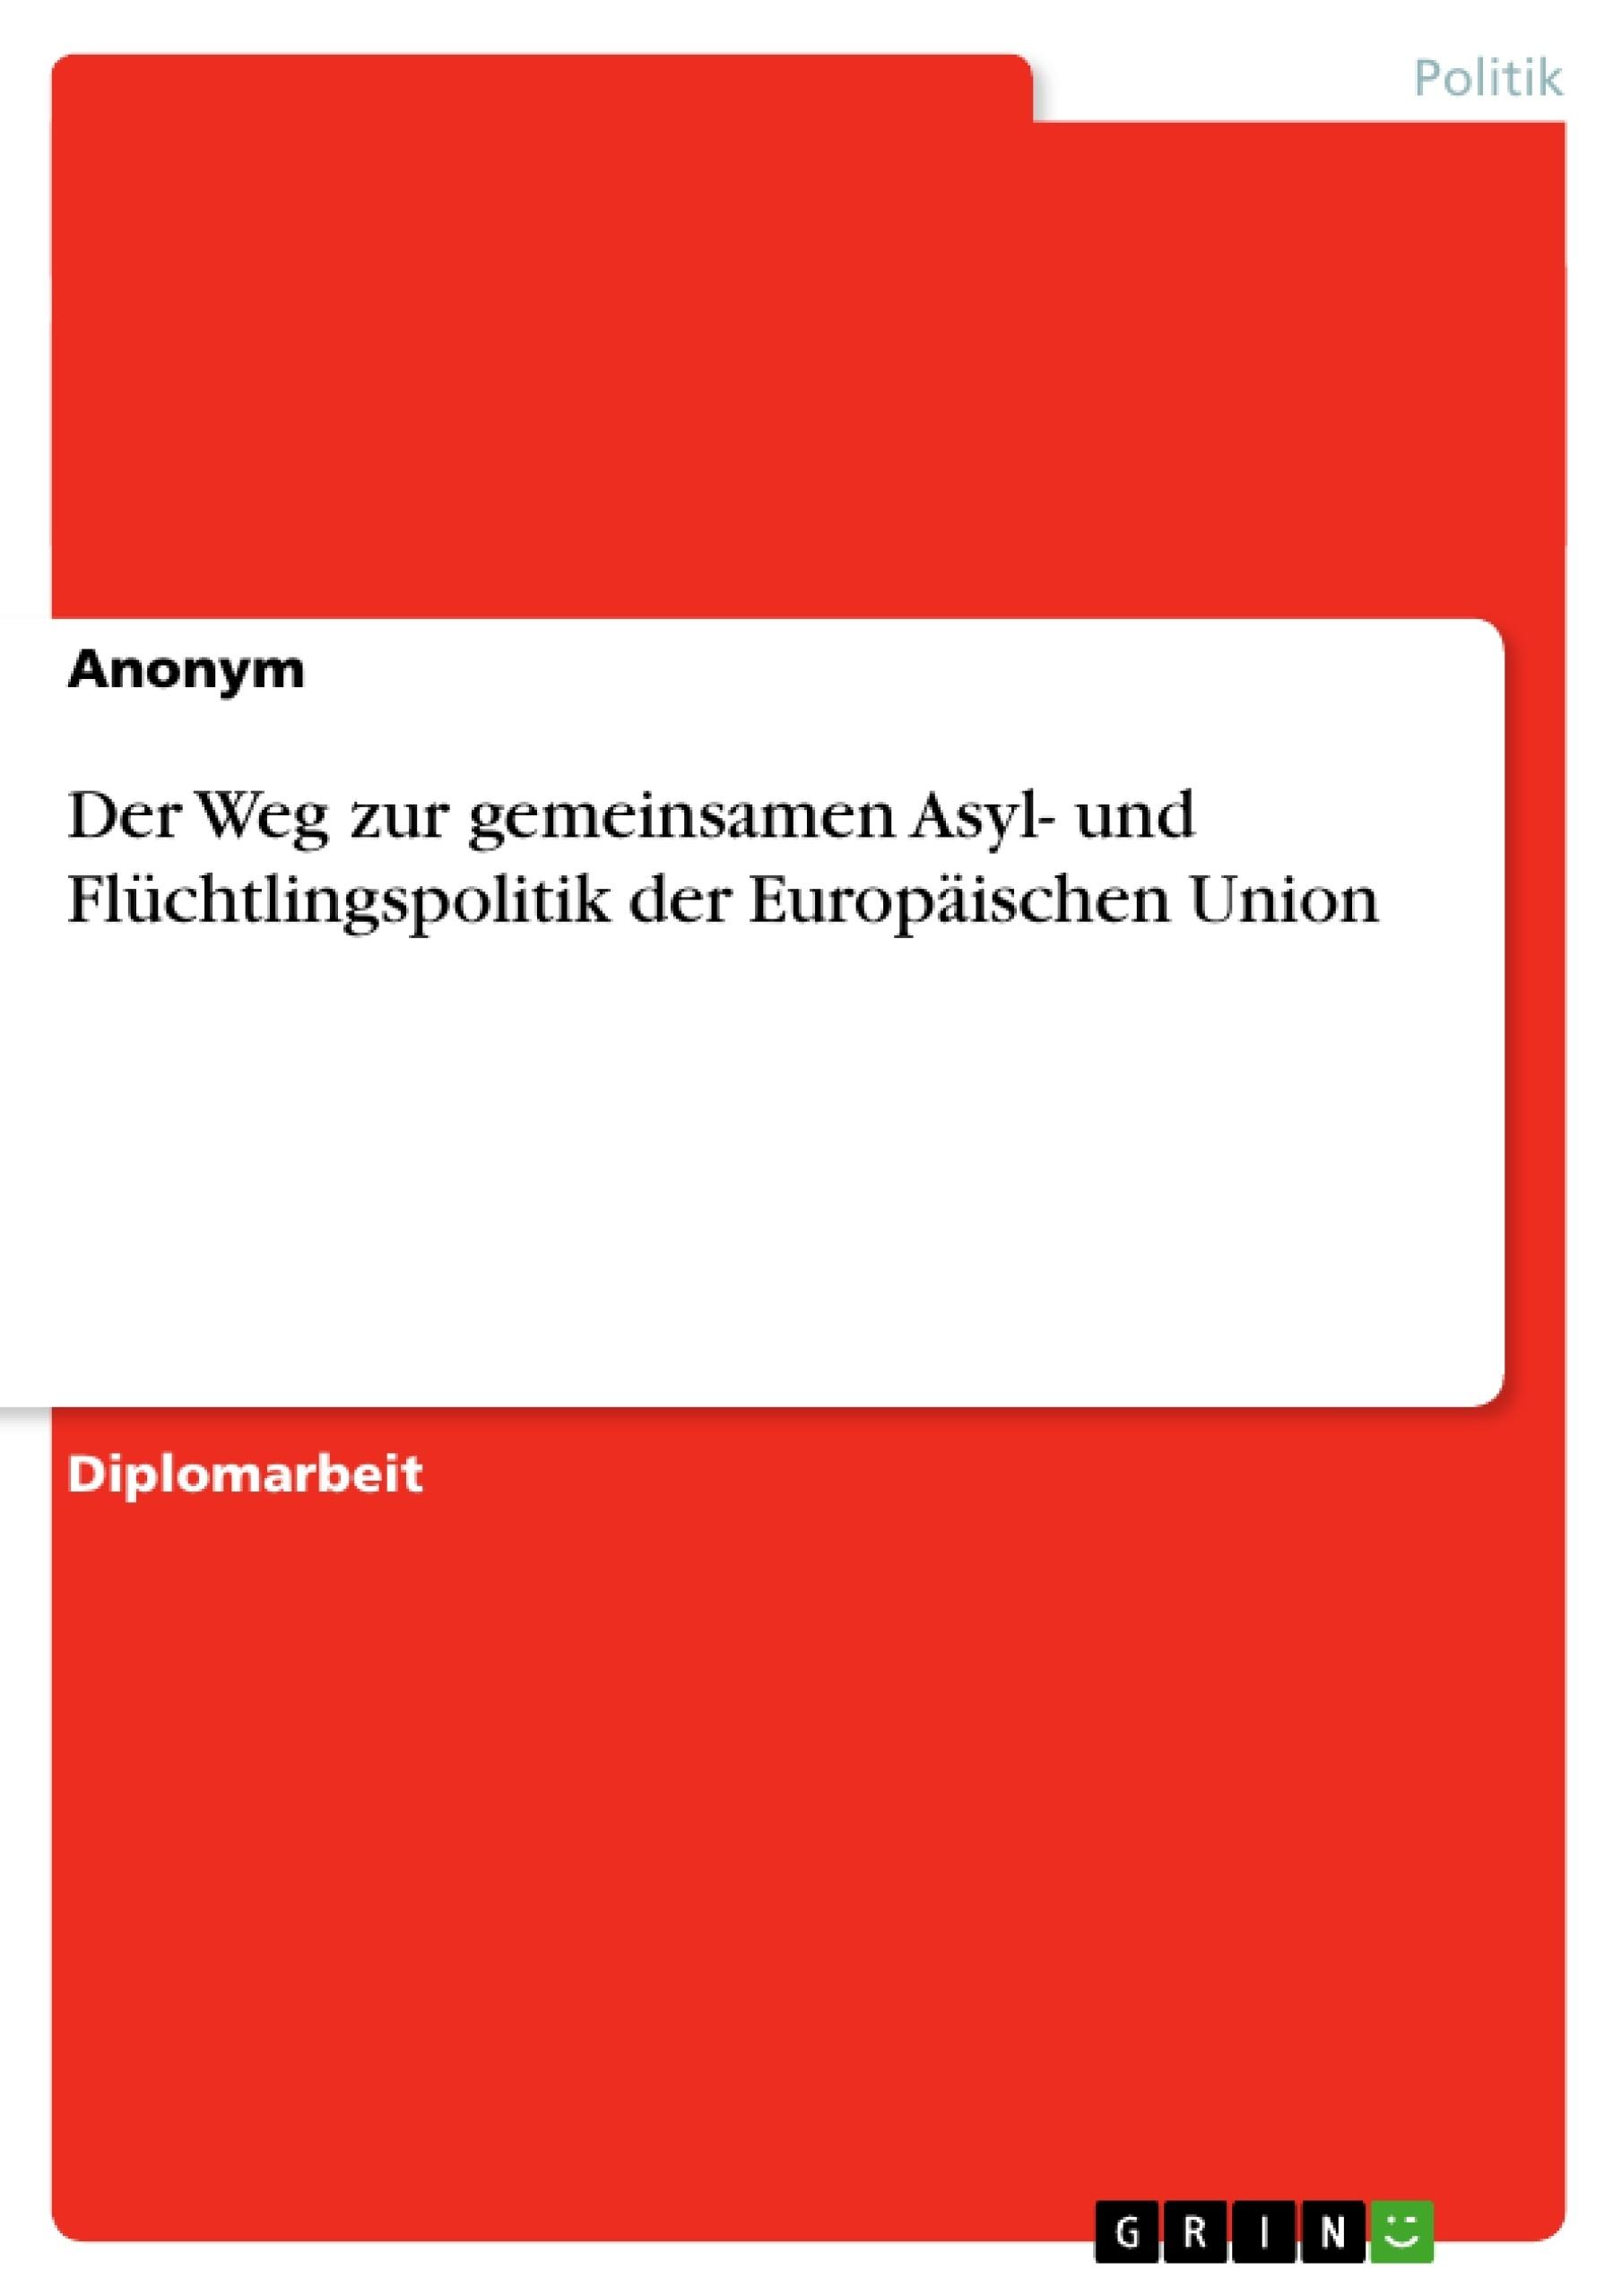 Titel: Der Weg zur gemeinsamen Asyl- und Flüchtlingspolitik der Europäischen Union